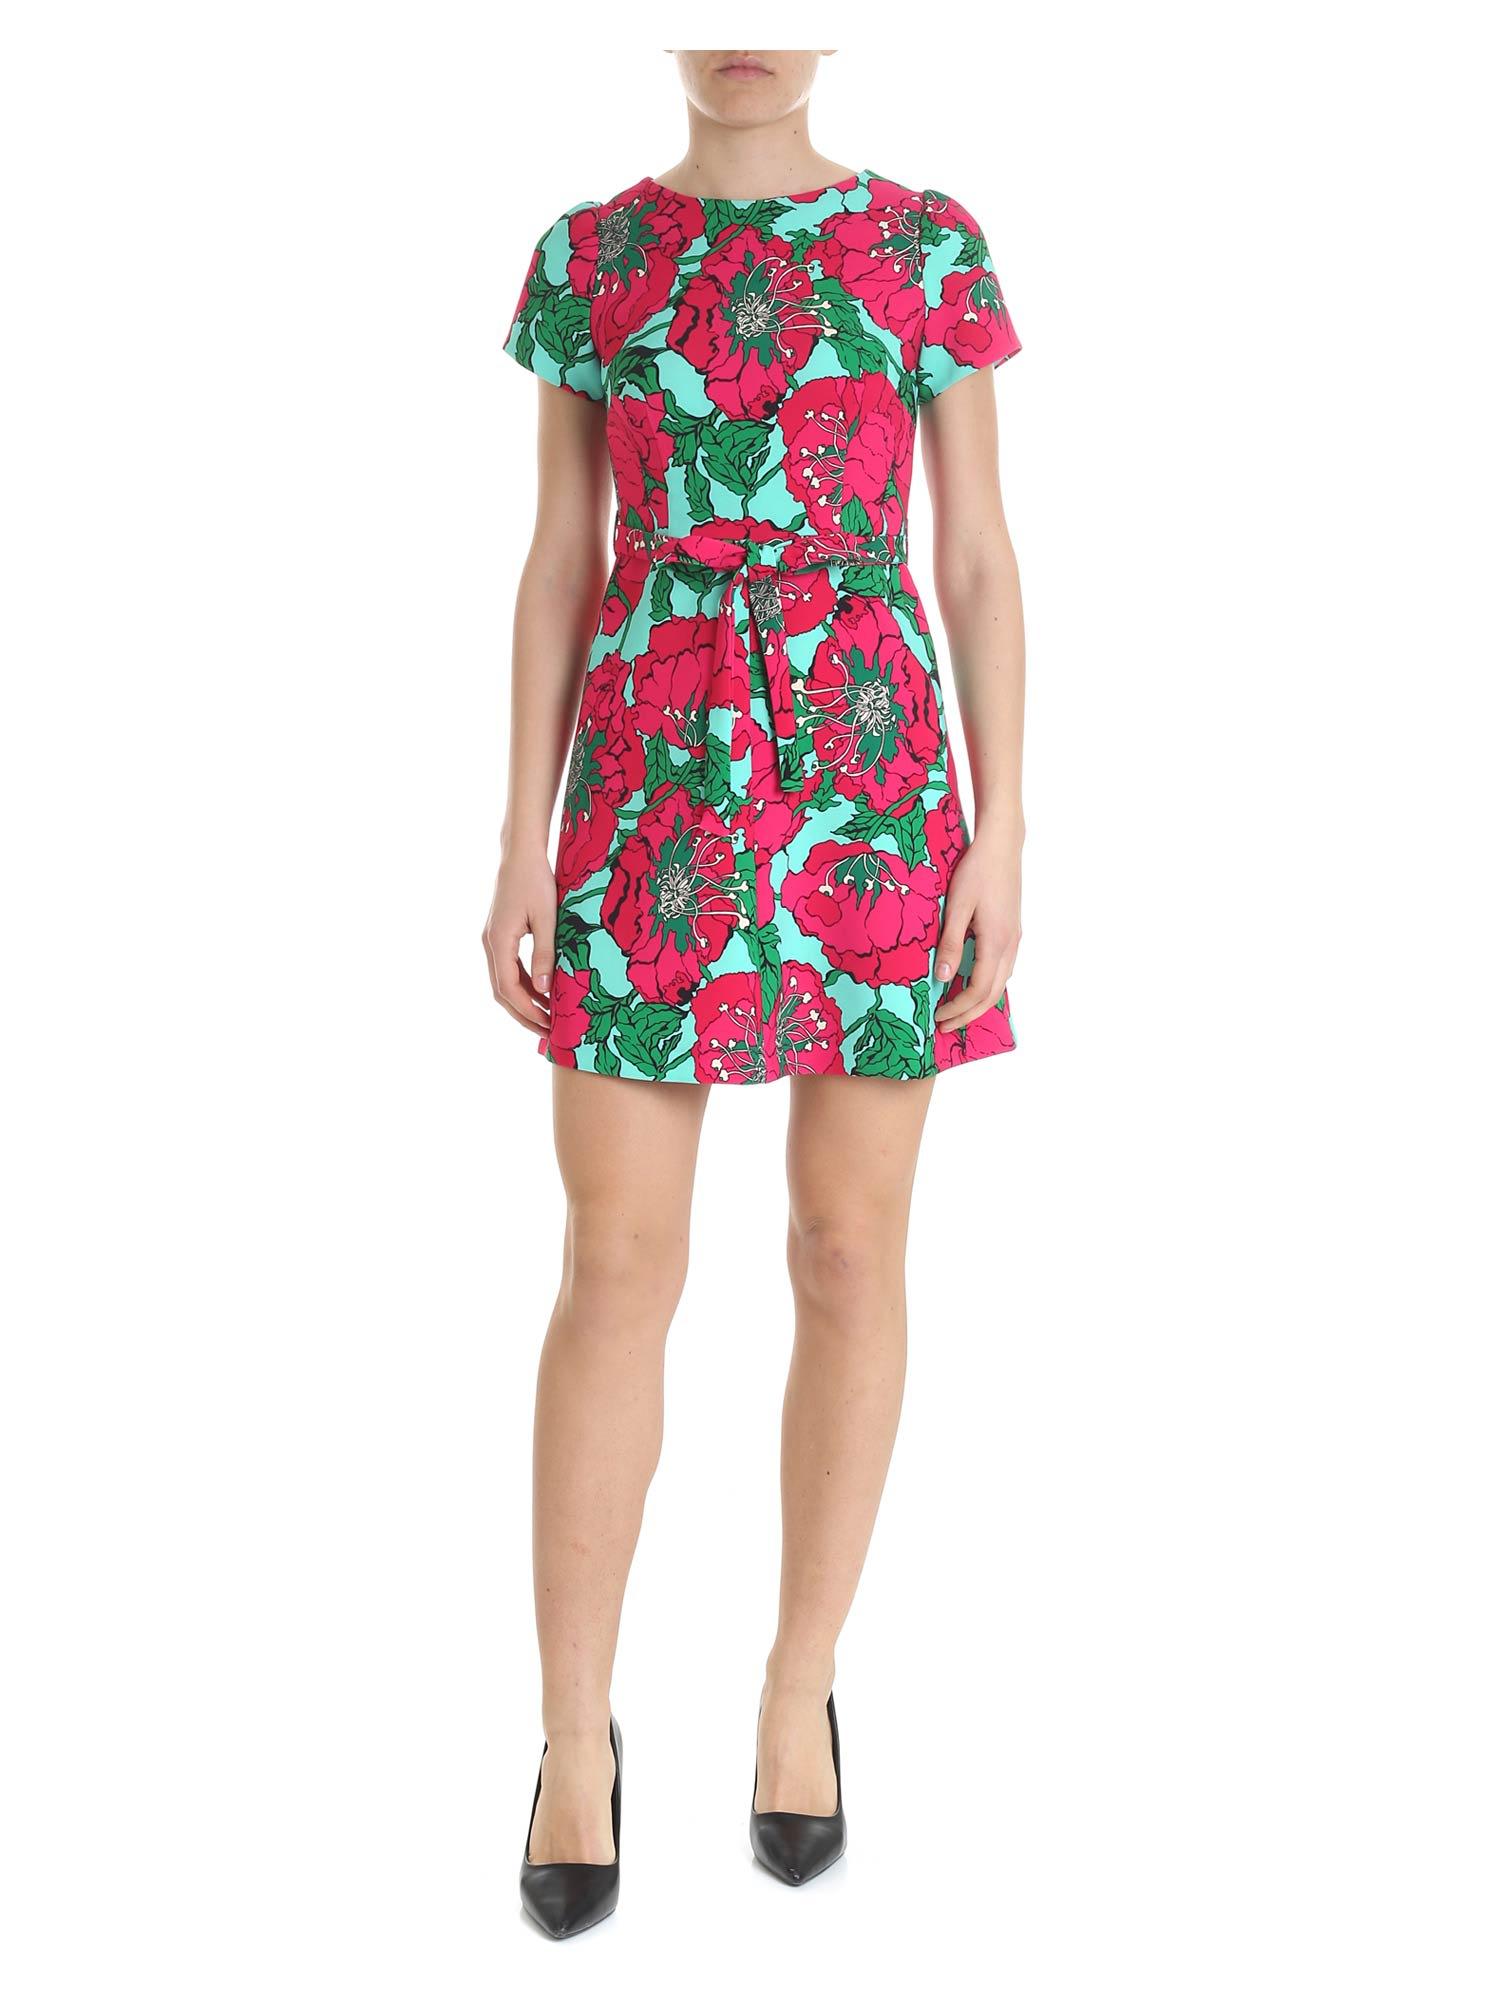 Parosh Peachy Dress